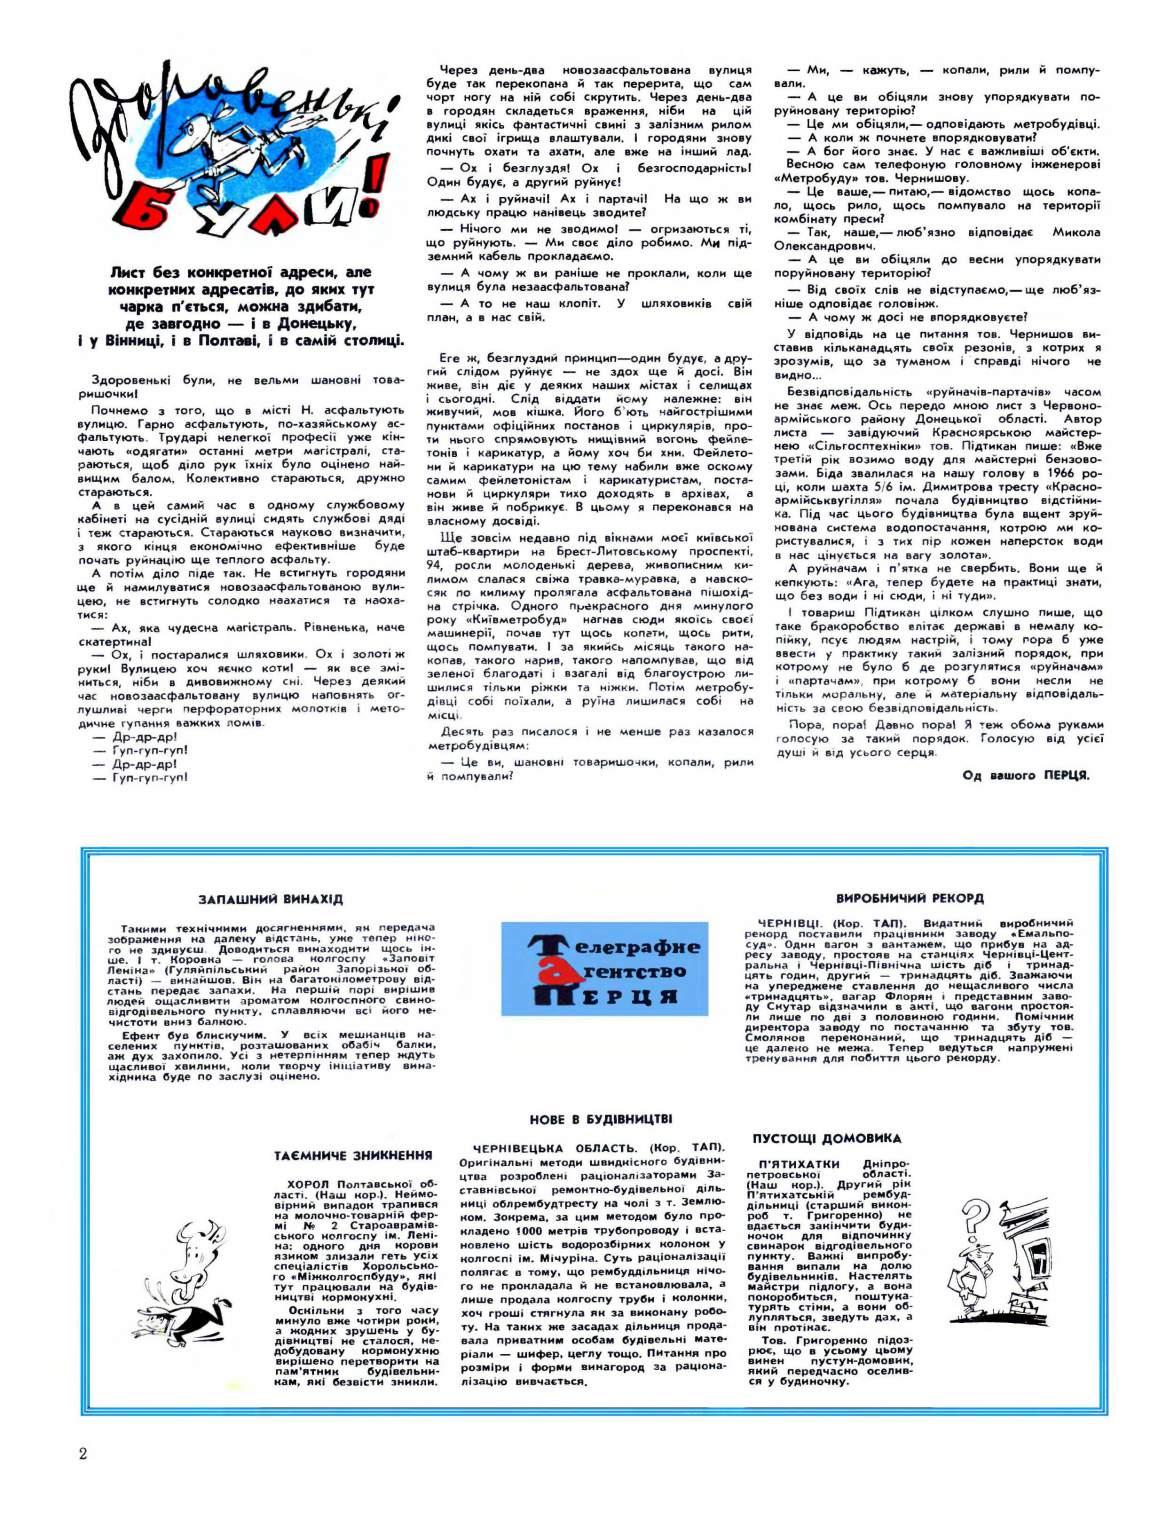 Журнал перець 1968 №12